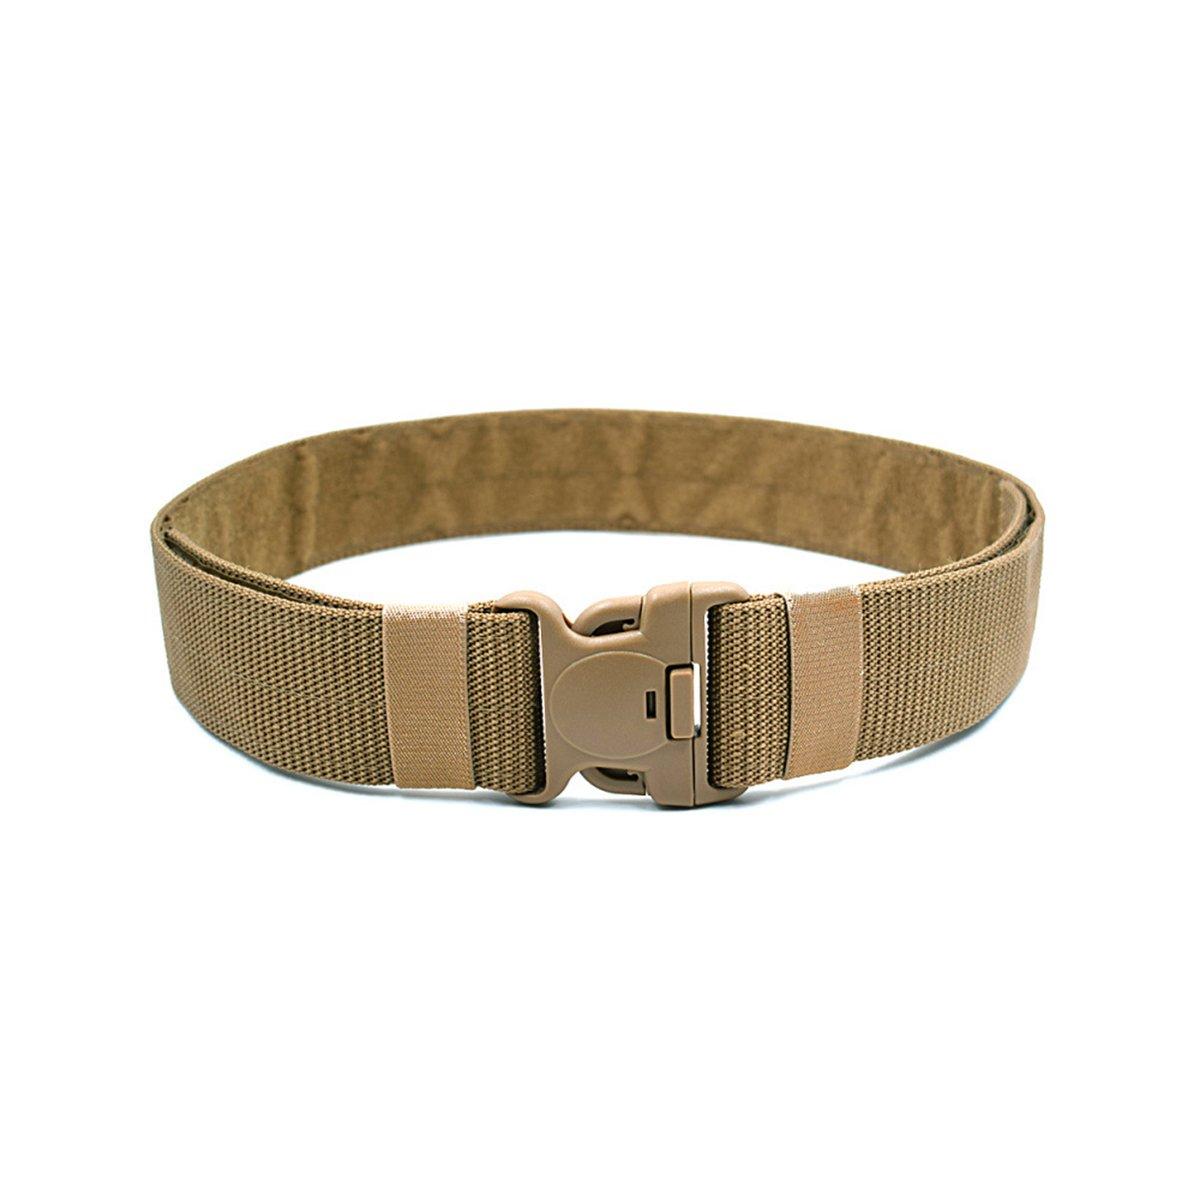 BESTOMZ Cinturón táctico - Cinturón militar para exteriores ajustable con hebilla de liberación rápida 120x5.5x0.3CM (Caqui)